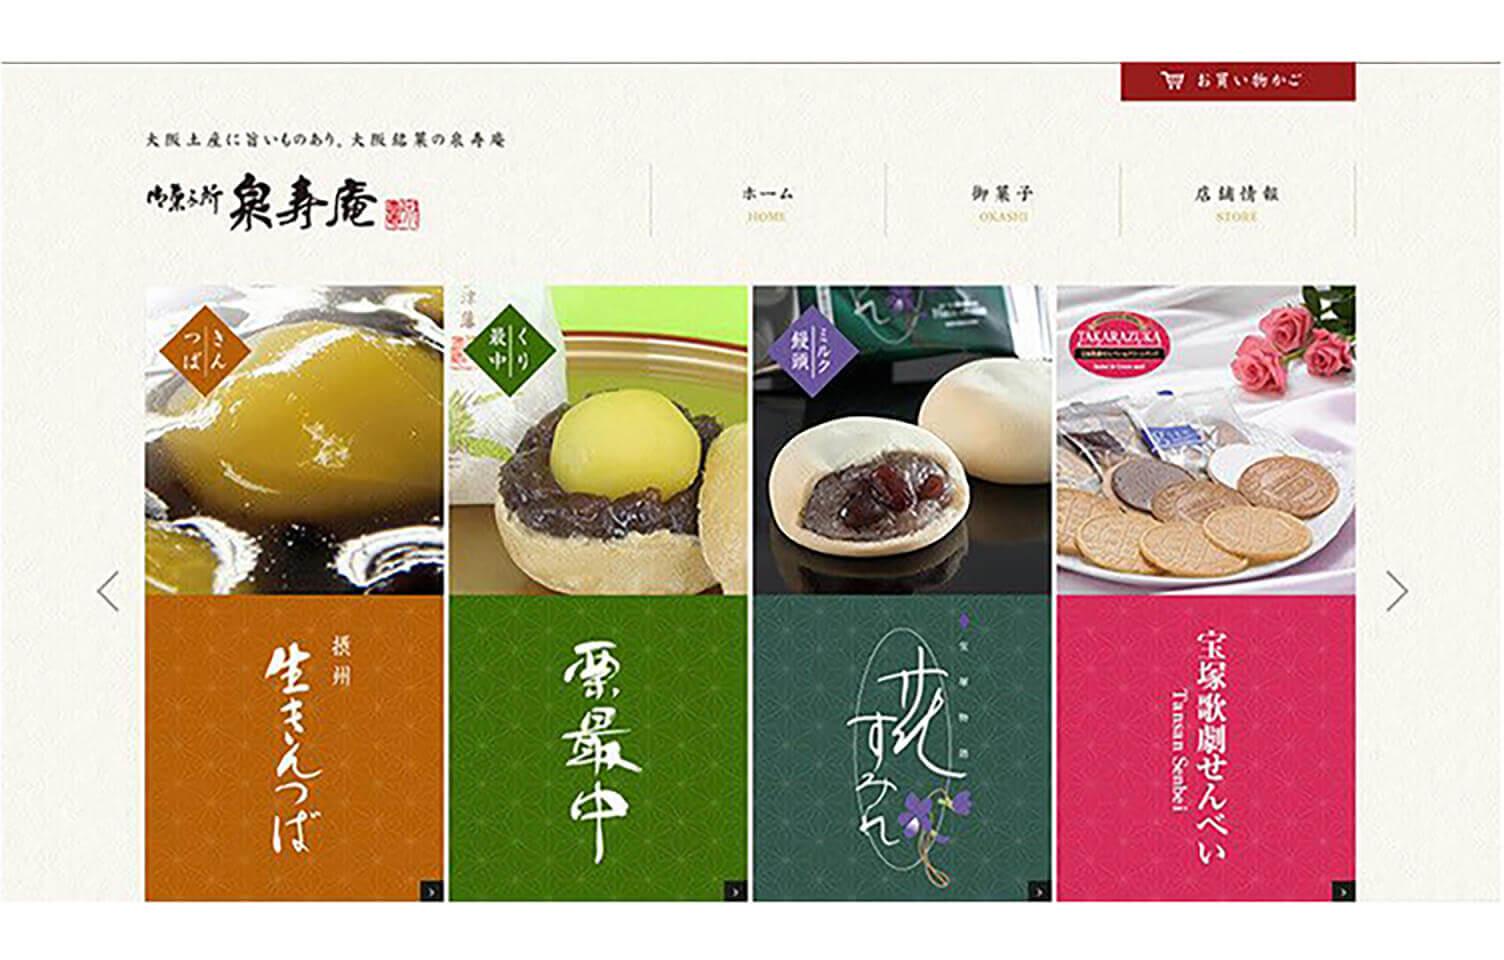 参考サイト 御菓子所 泉寿庵の画像